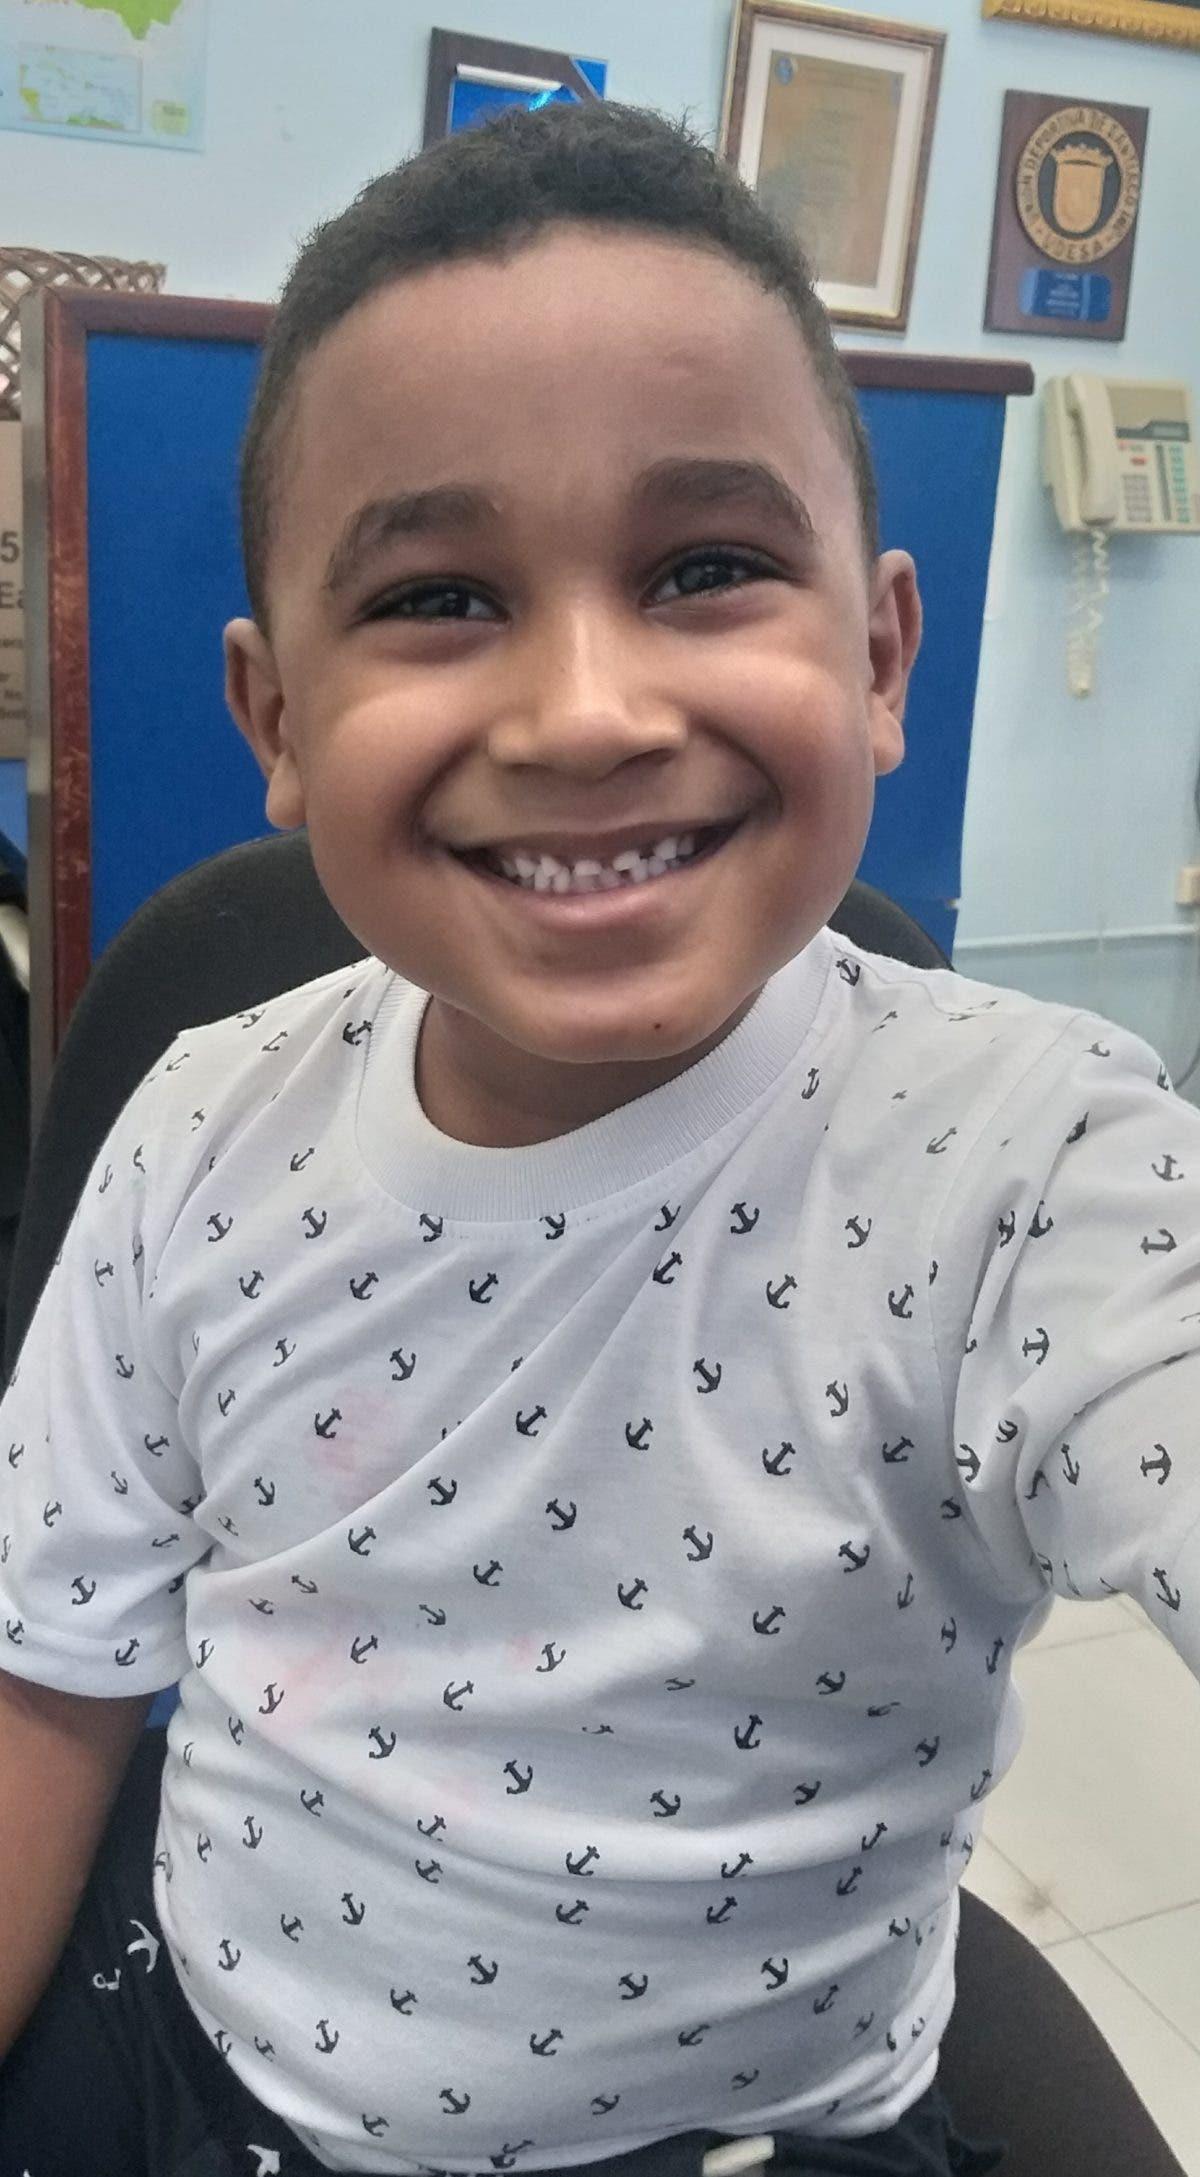 Piden ayuda para tratar problema de audición a niño de 6 años